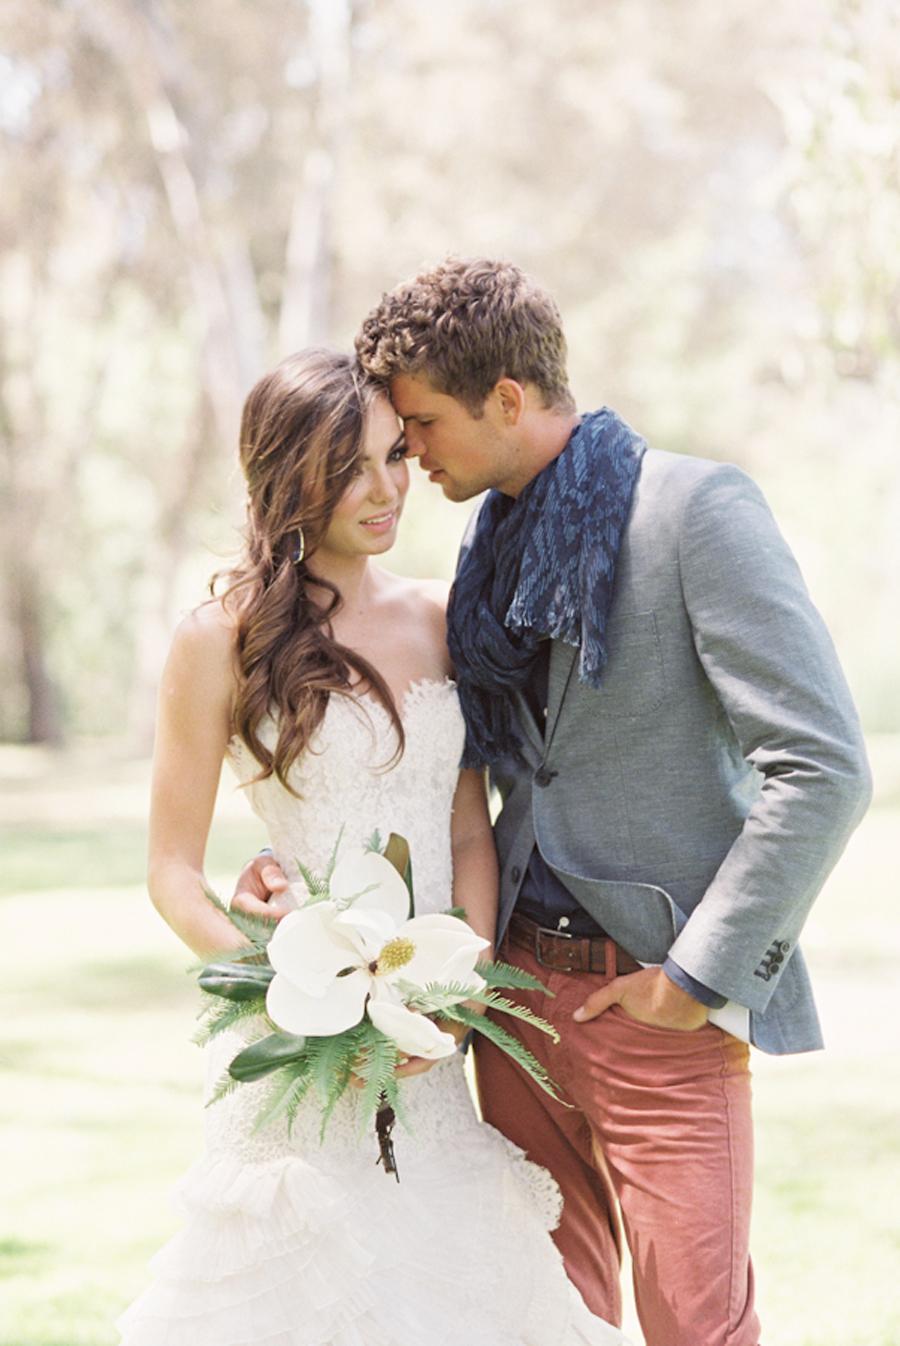 Casual modern wedding